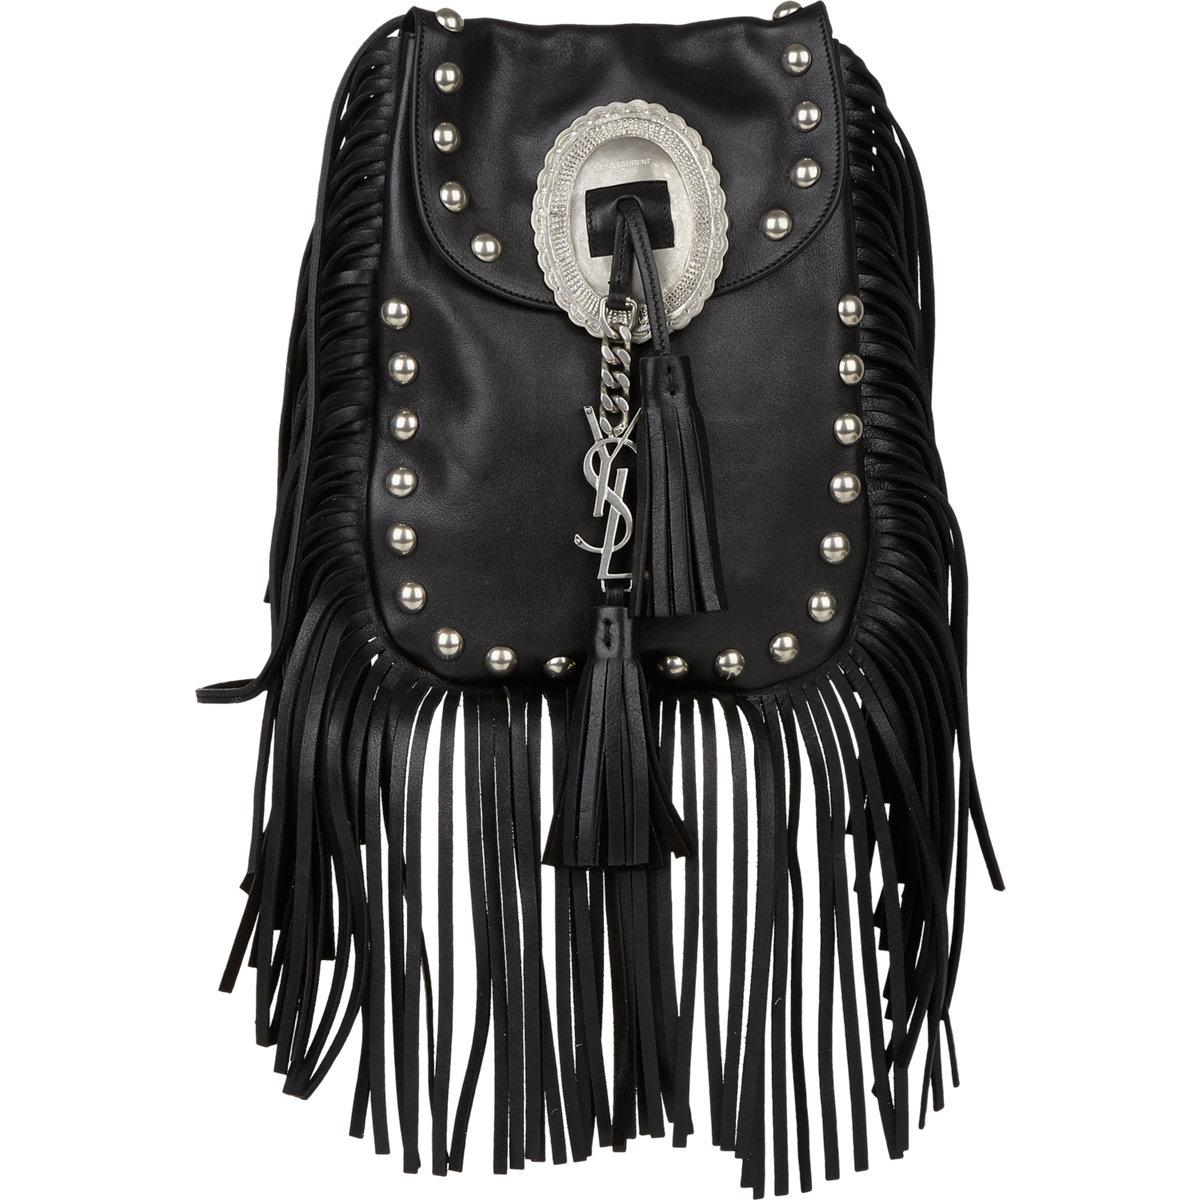 replica yves saint laurent handbags - anita mini flat suede shoulder bag with fringe, black